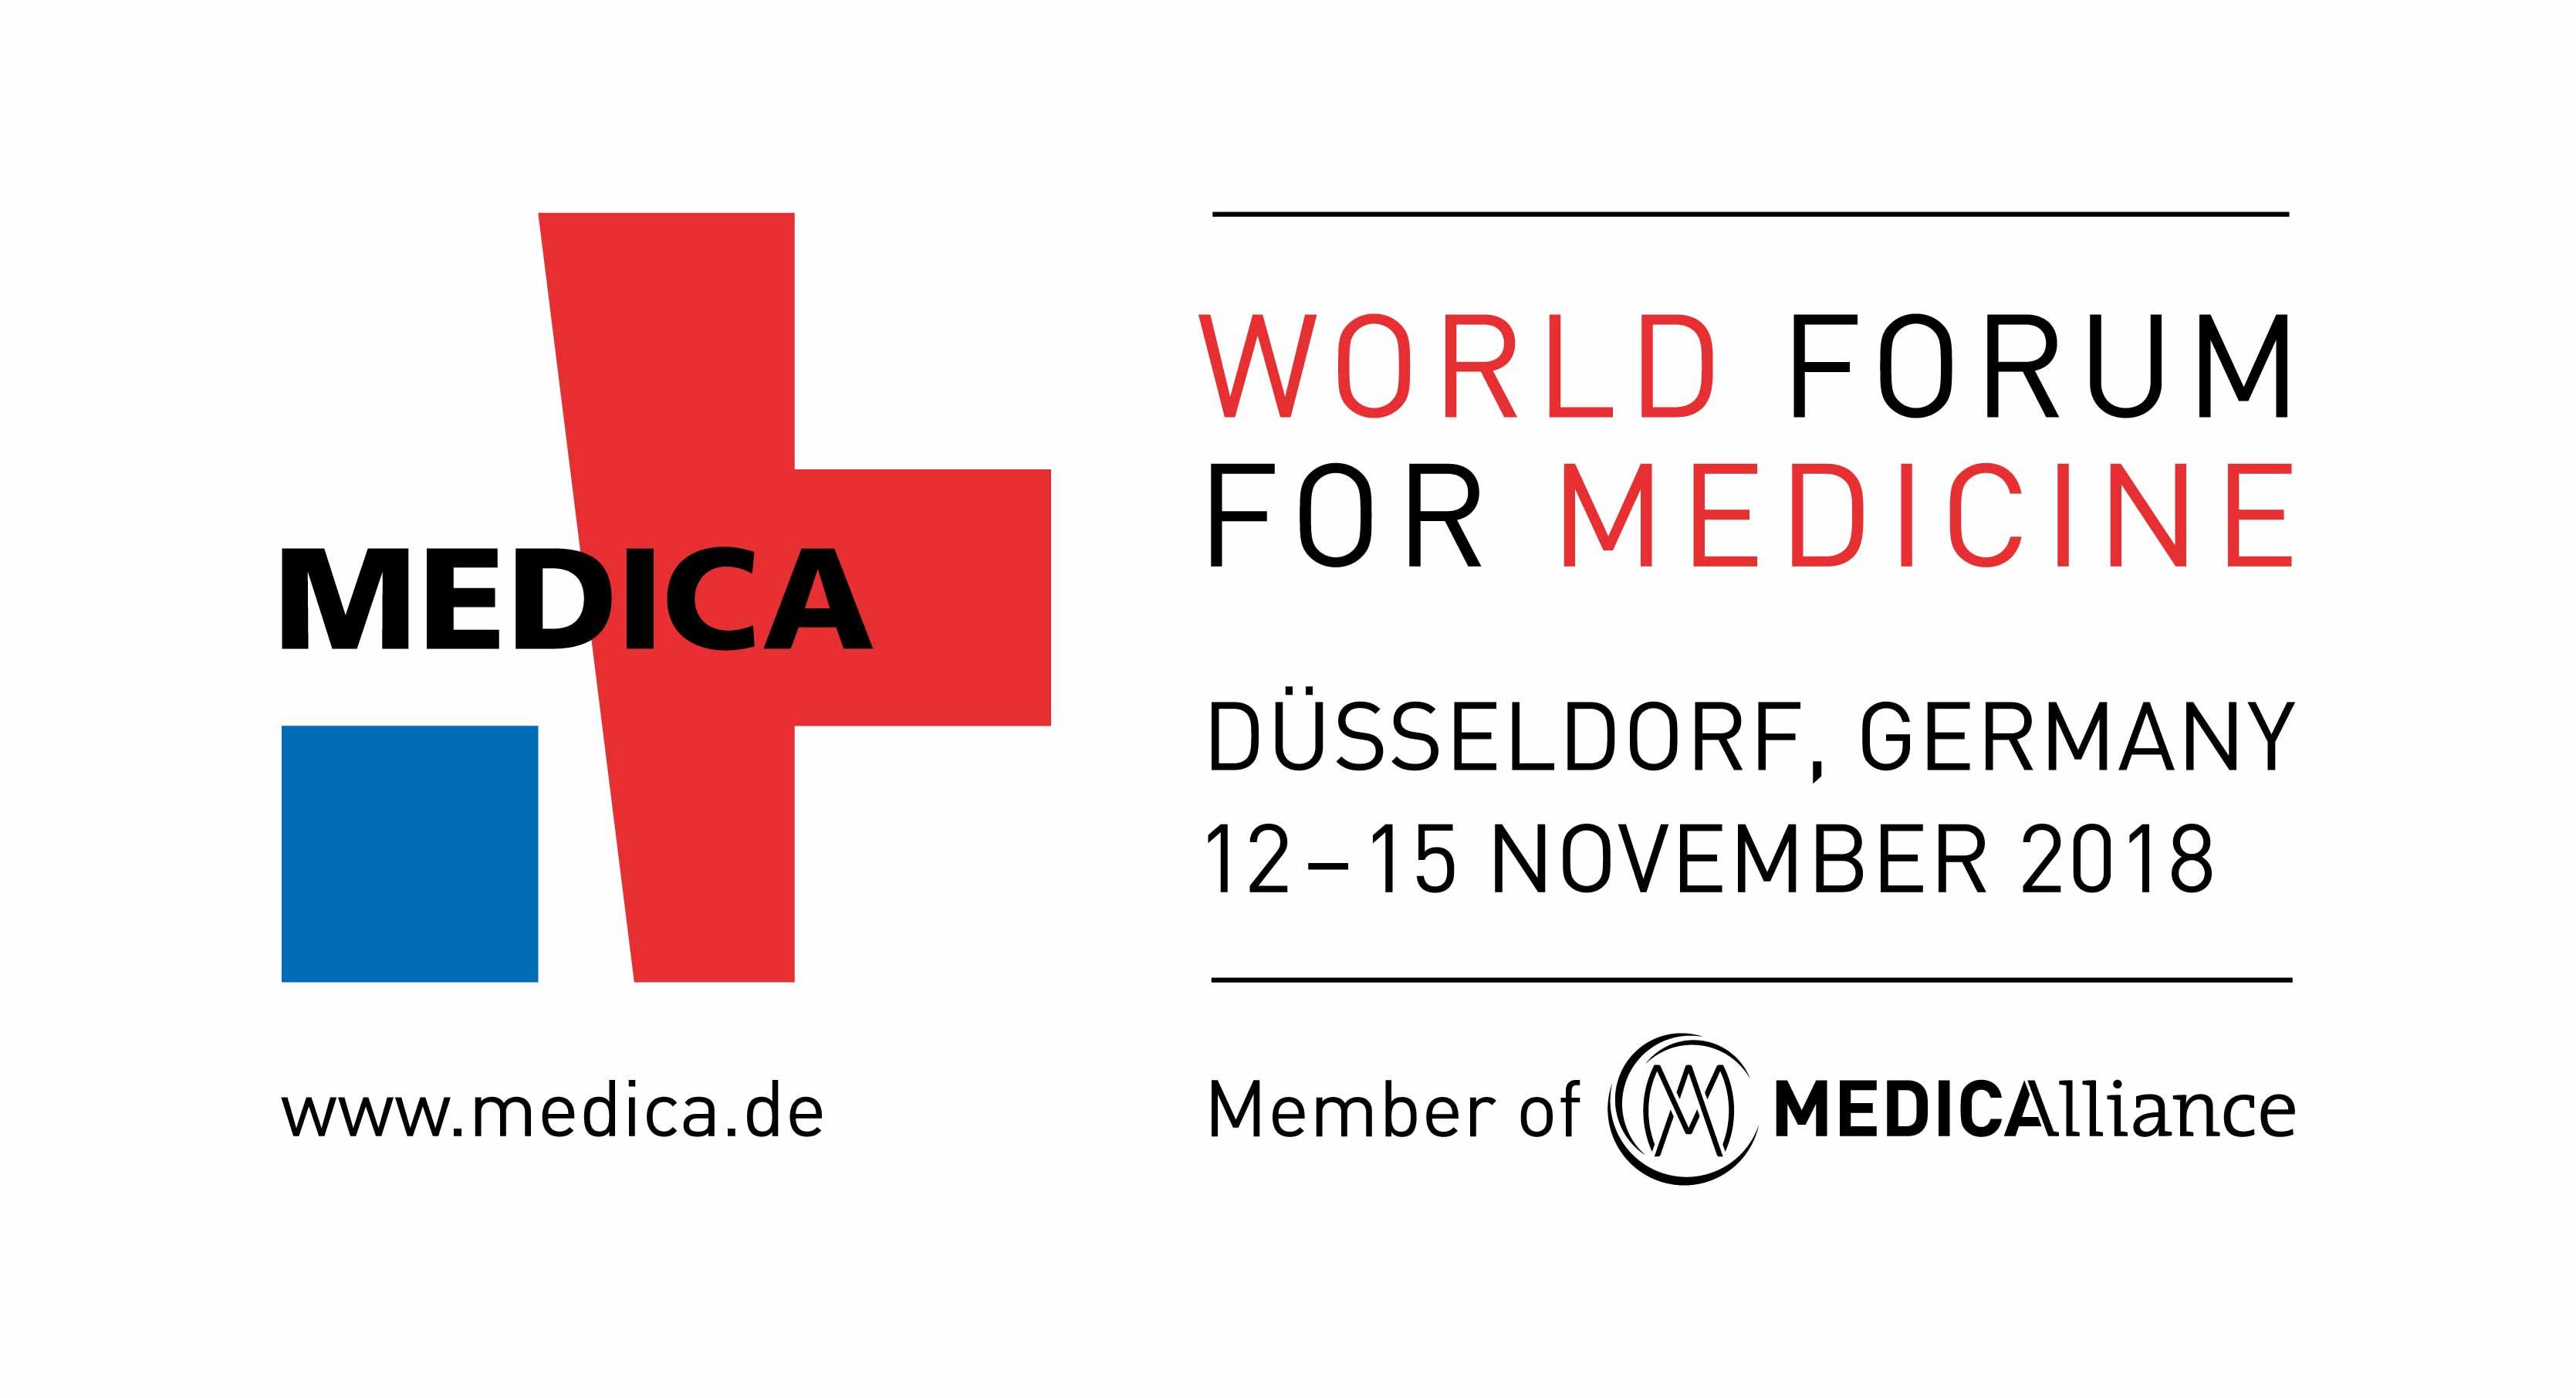 medifa auf der MEDICA 2018 in Düsseldorf